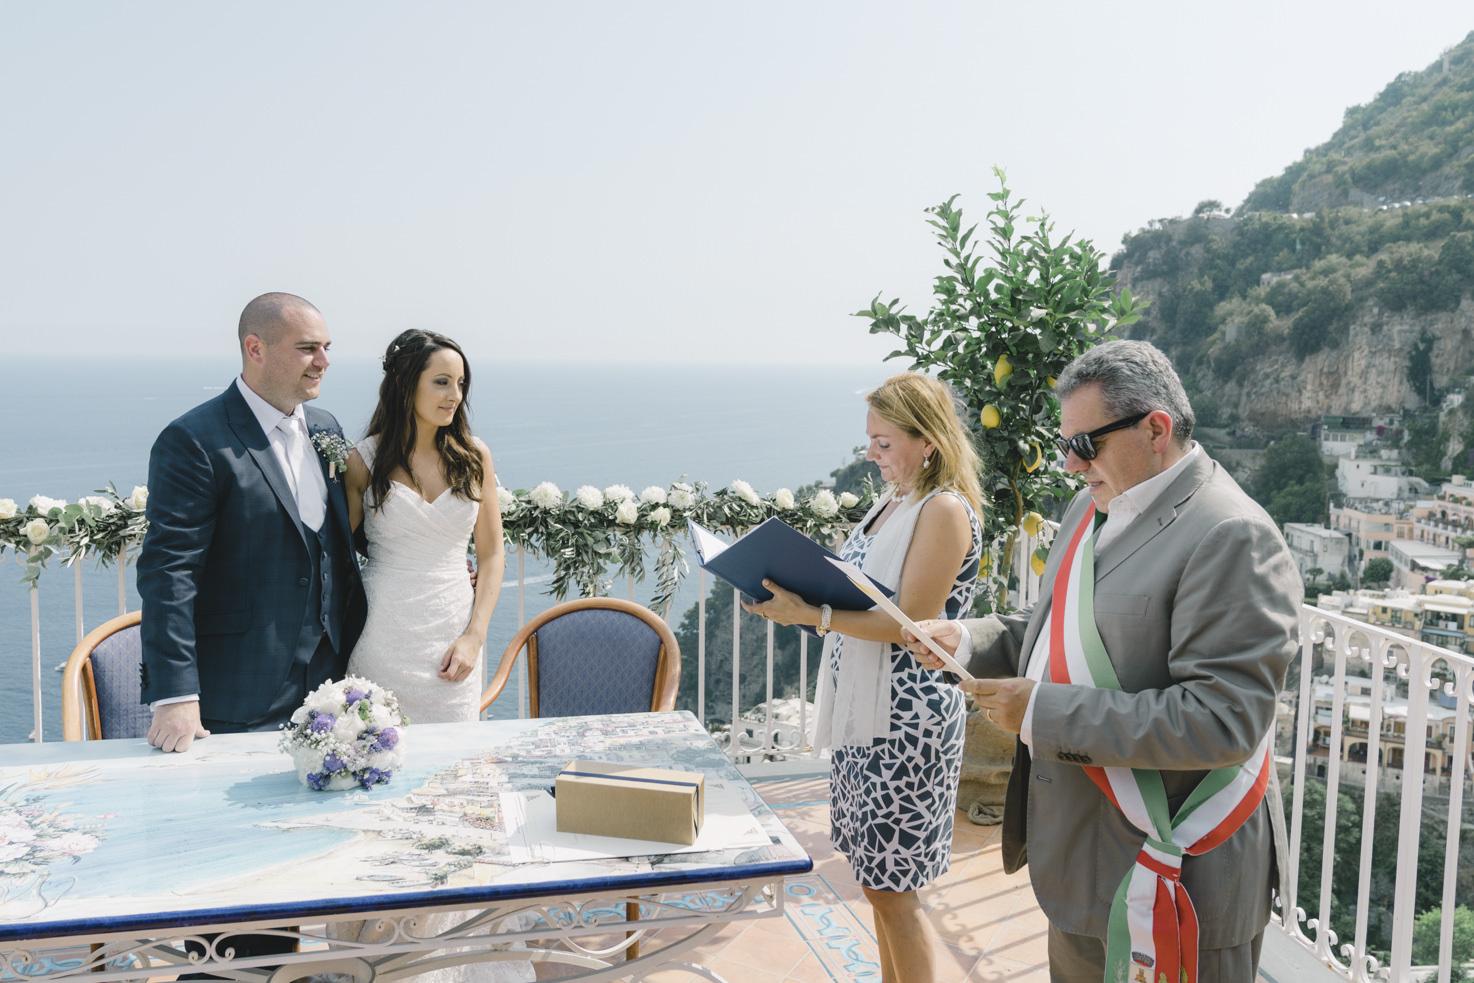 Civil wedding in Positano